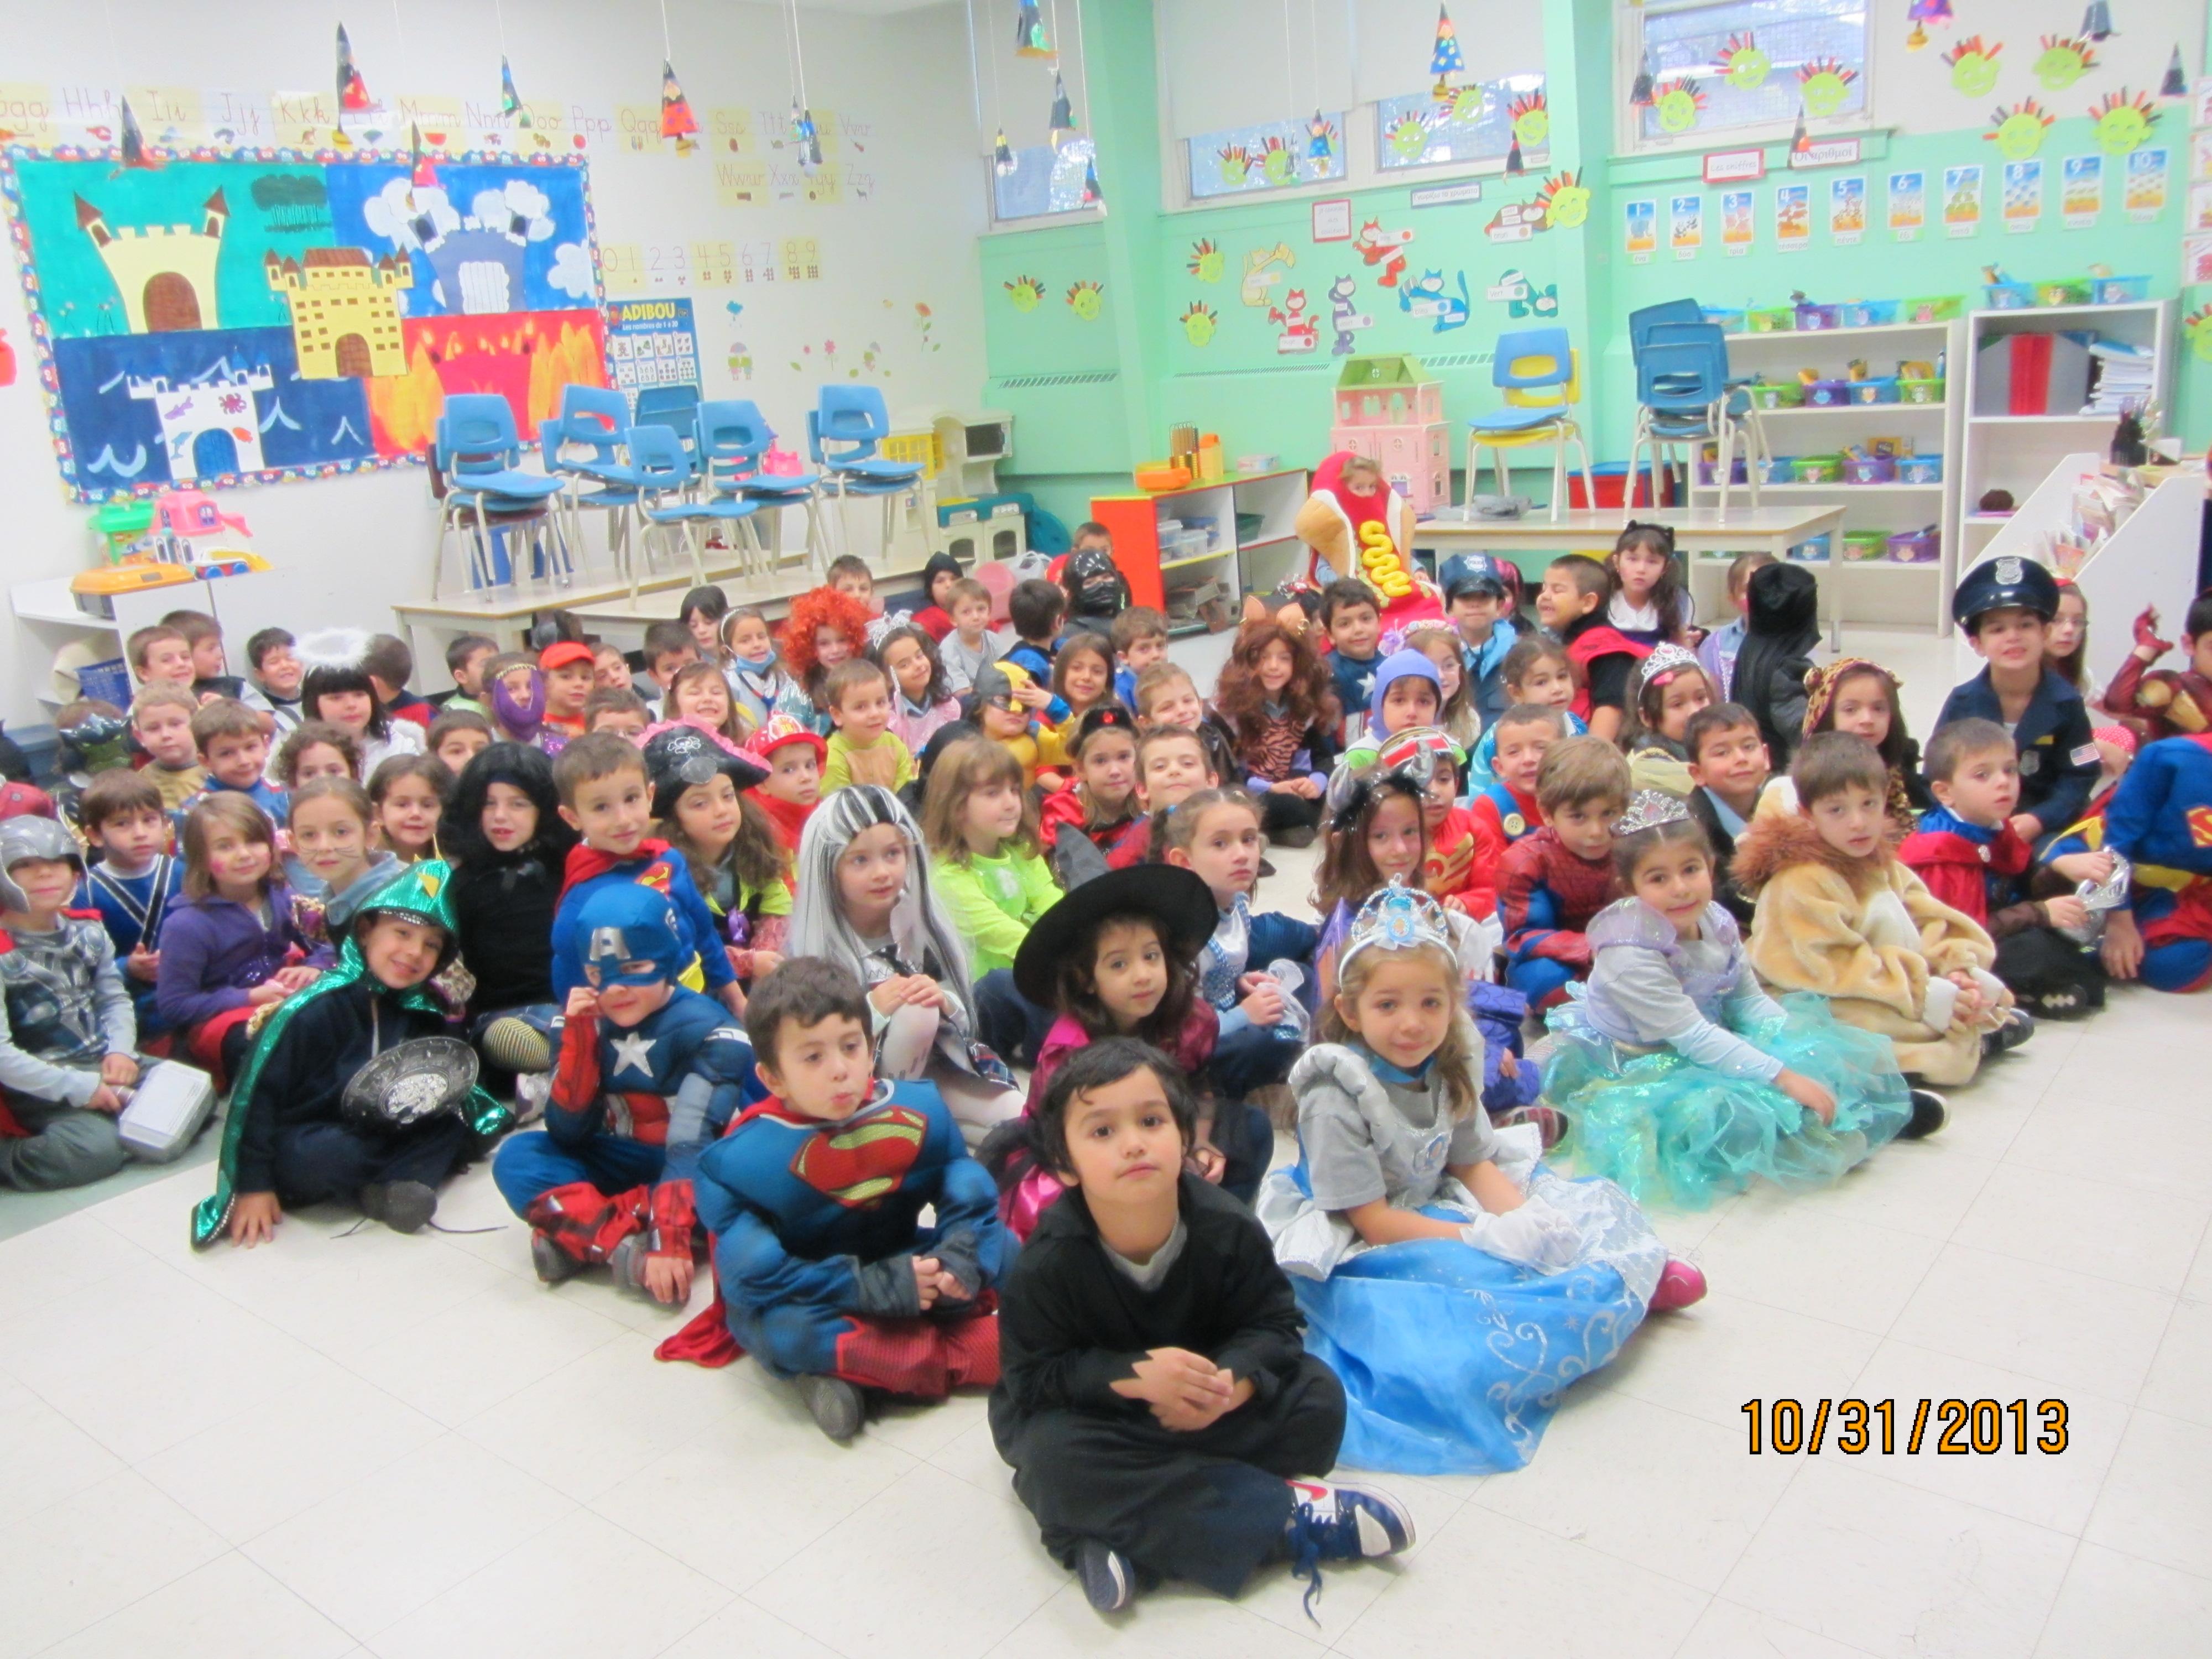 Les festivités de l'Halloween à l'école Socrates de Laval et l'Annexe